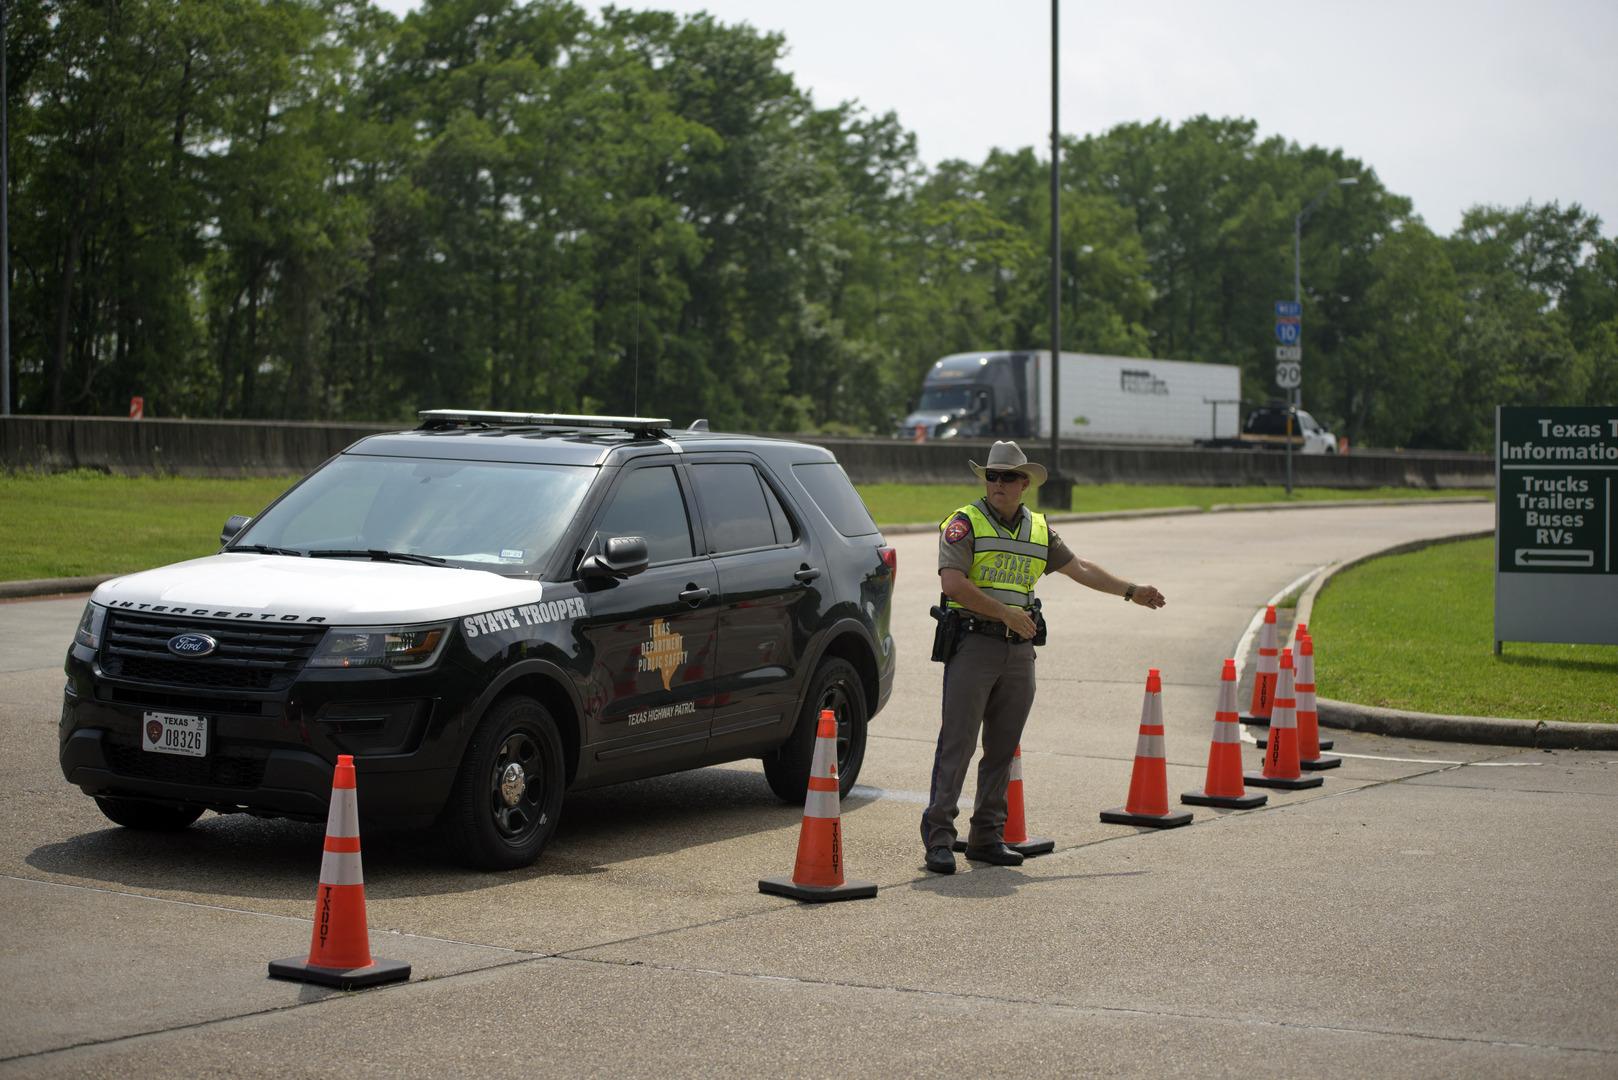 إصابات في حادث إطلاق نار بولاية تكساس الأمريكية